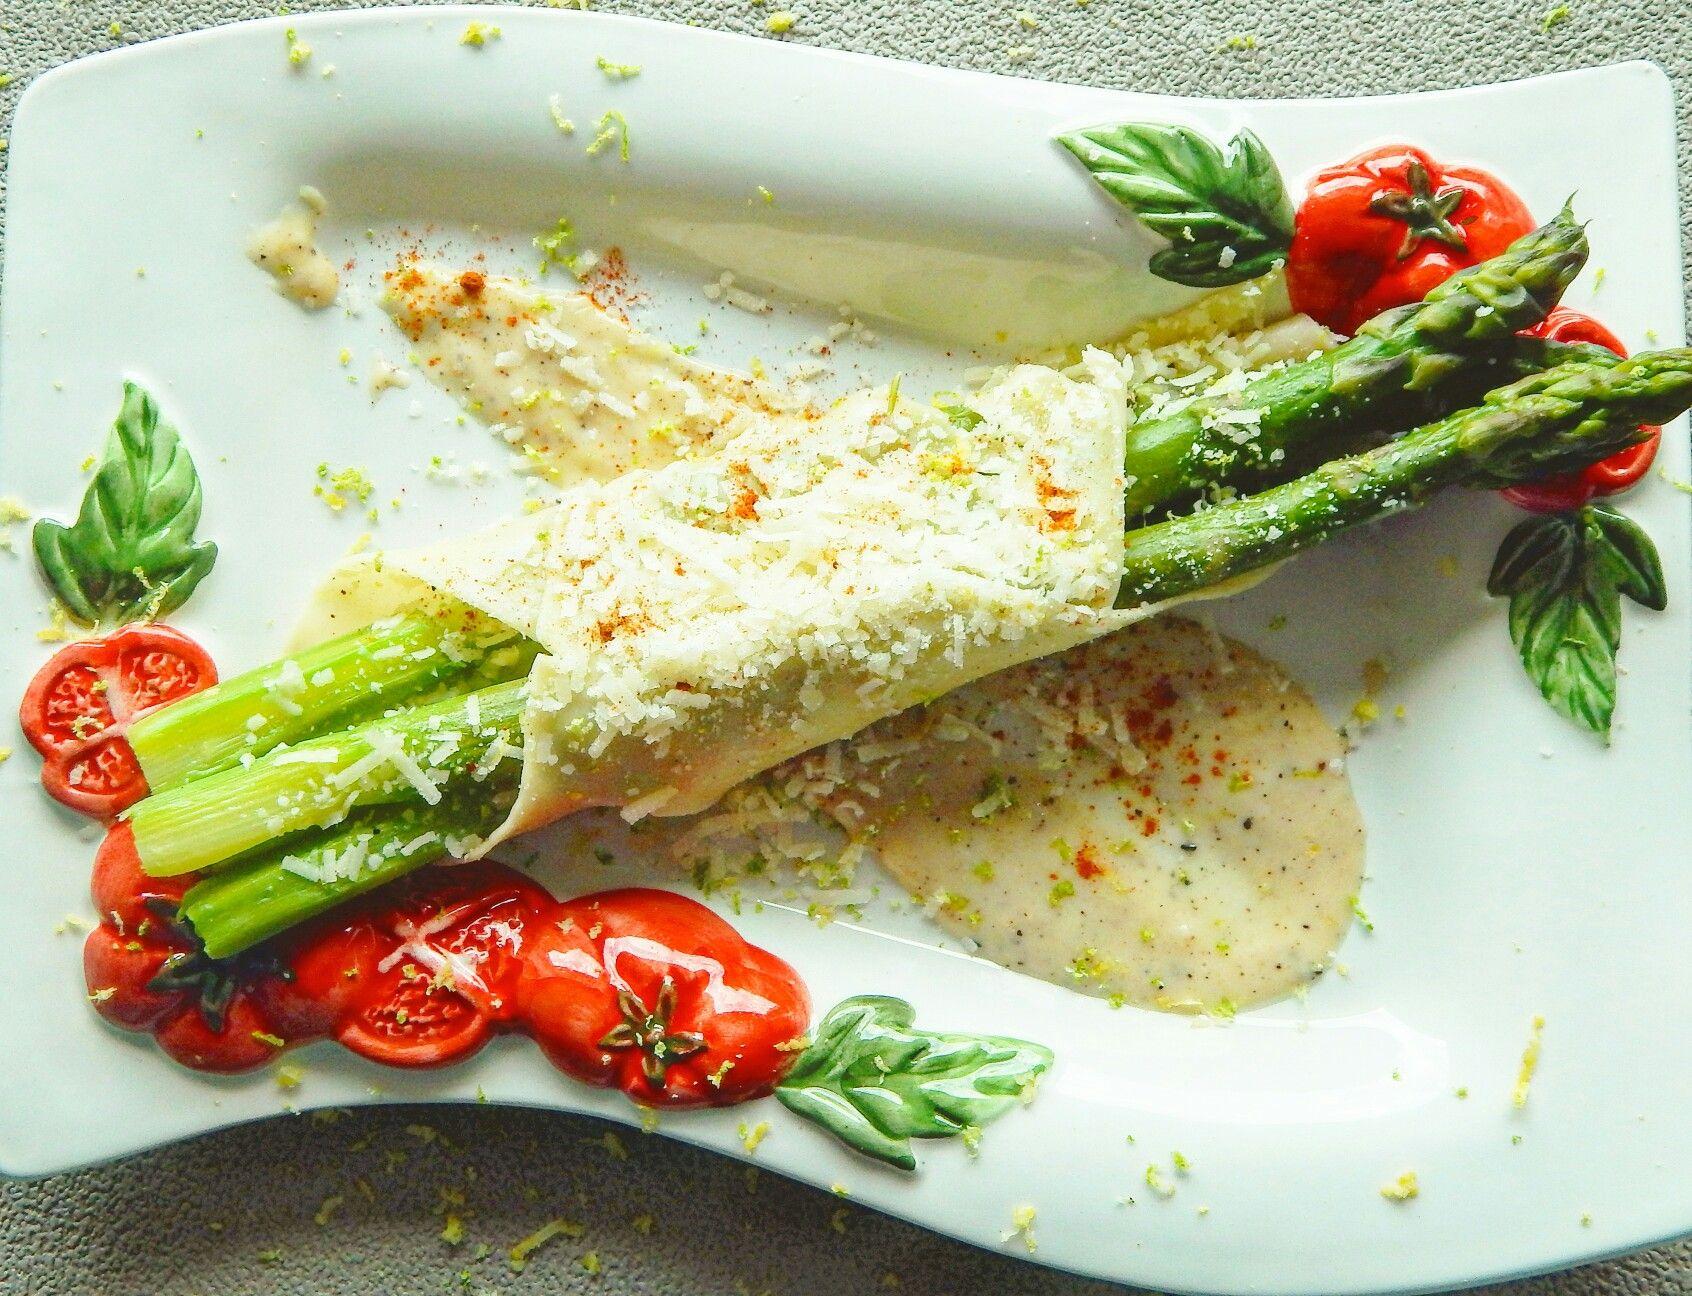 Grüner Spargel im Lasagneblatt mit würziger Bechamelsoße